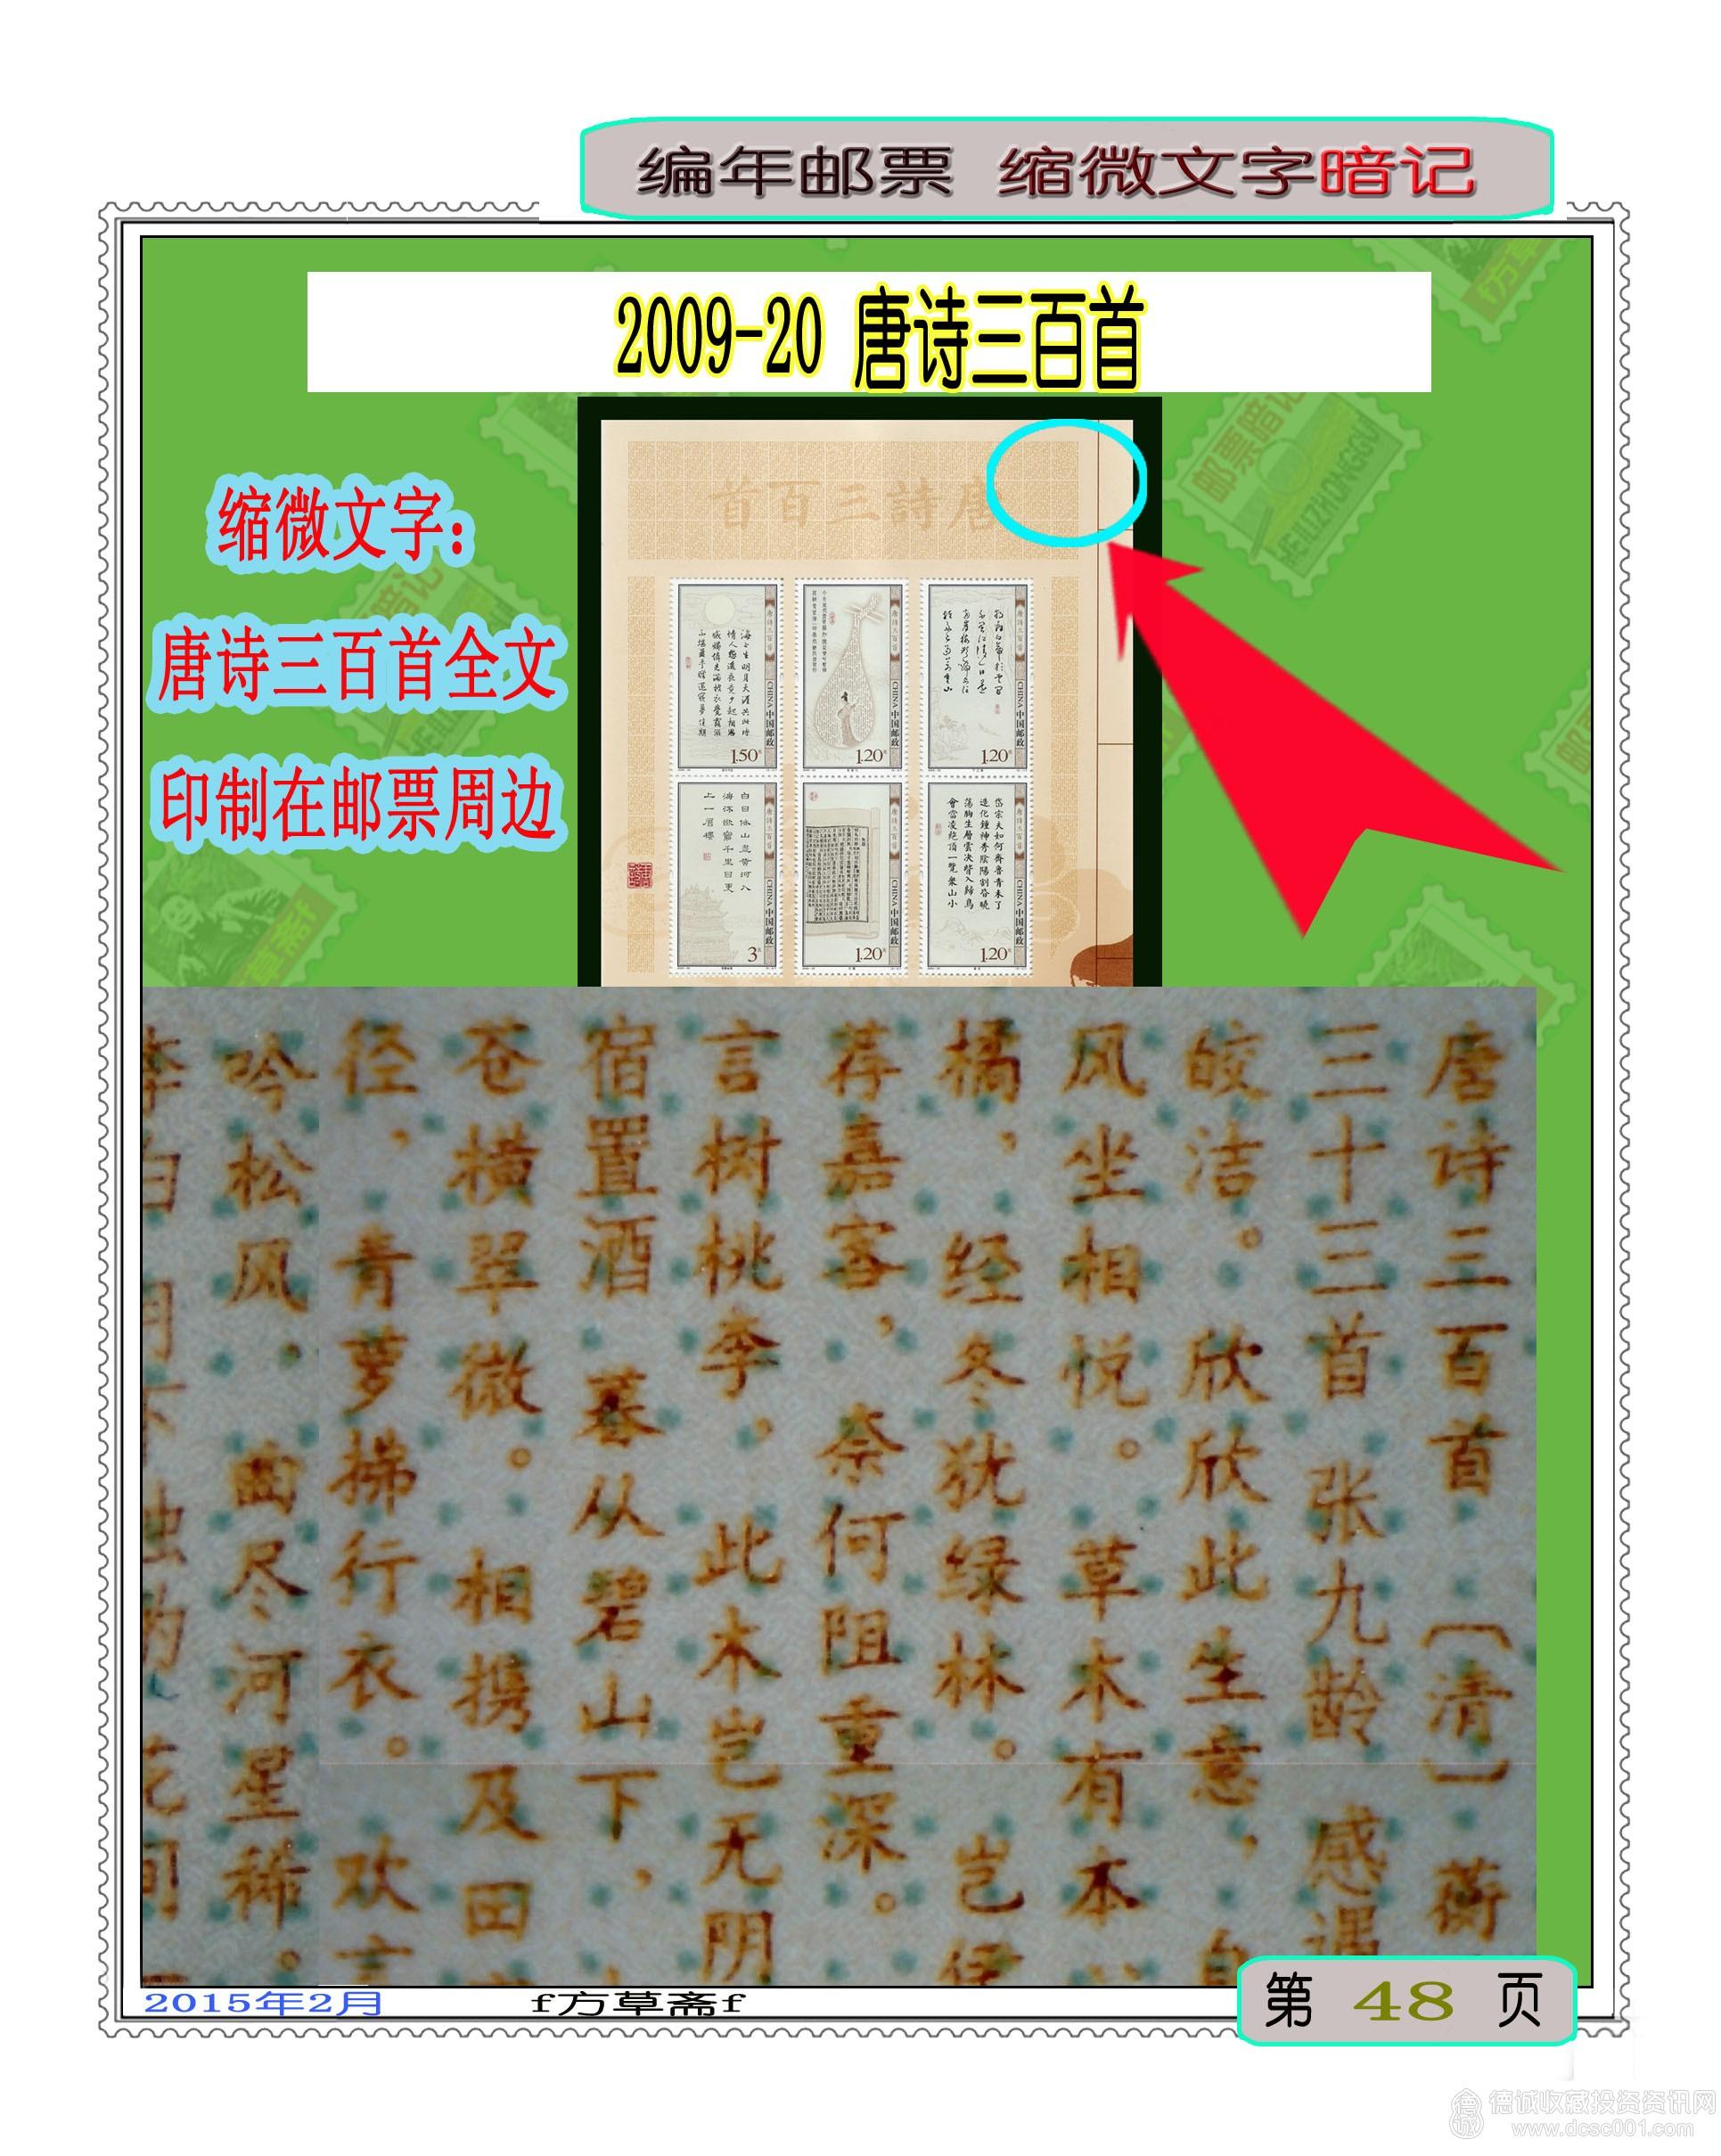 2009-20唐诗三百首-1.jpg